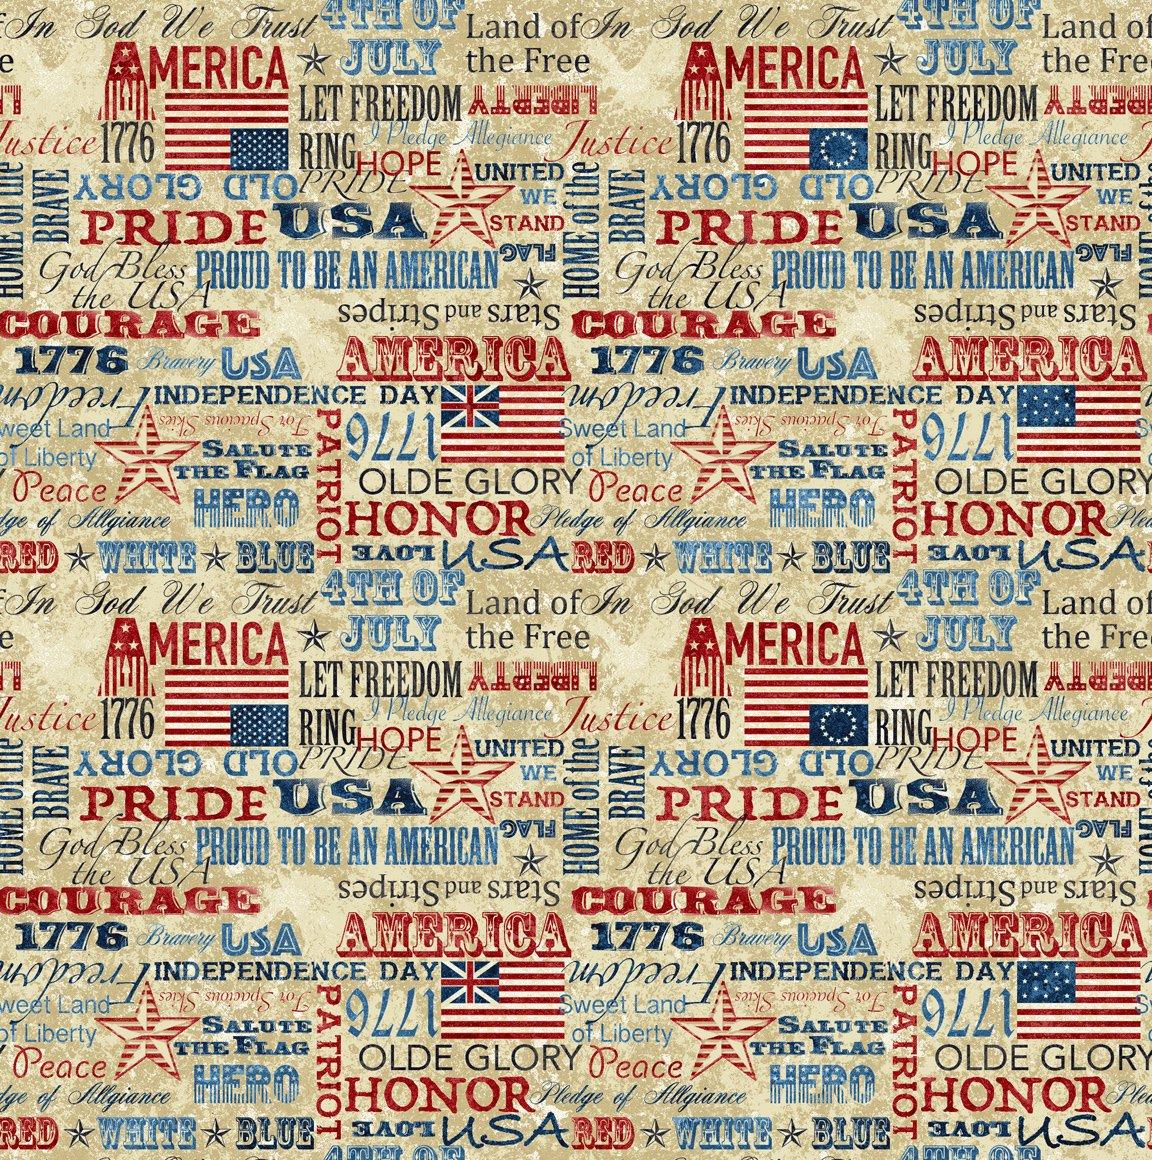 39341-12 Old Glory Words Stonehenge